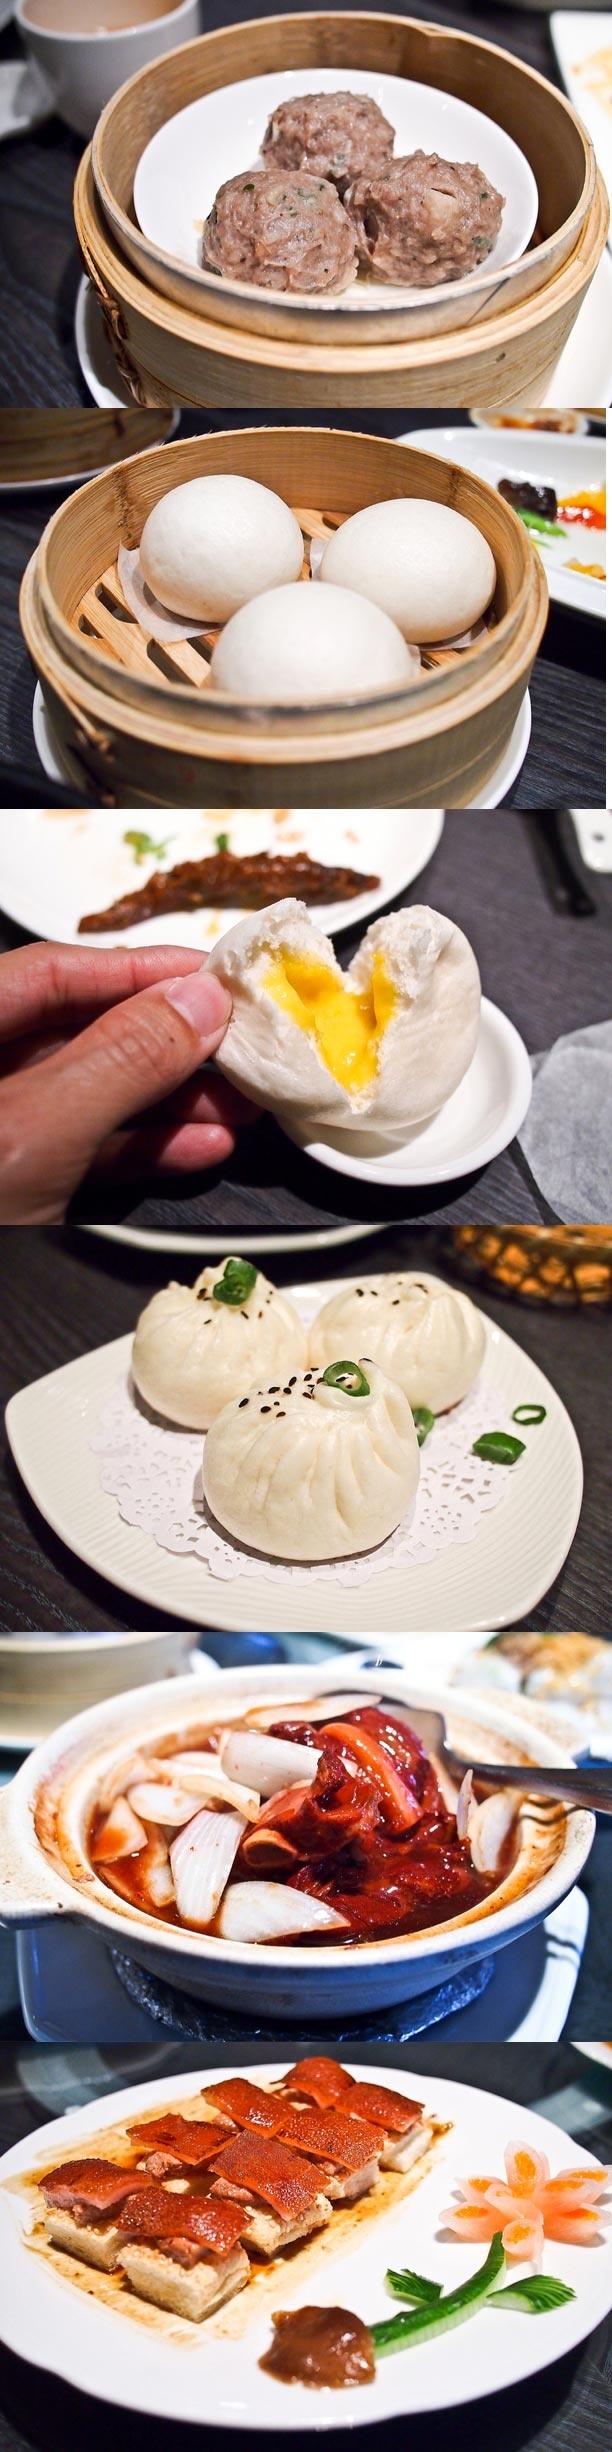 Hotel dùa 悅品中餐廳 , 鎮江醋排骨 /280元 . 鵝肝脆皮乳豬 /650元